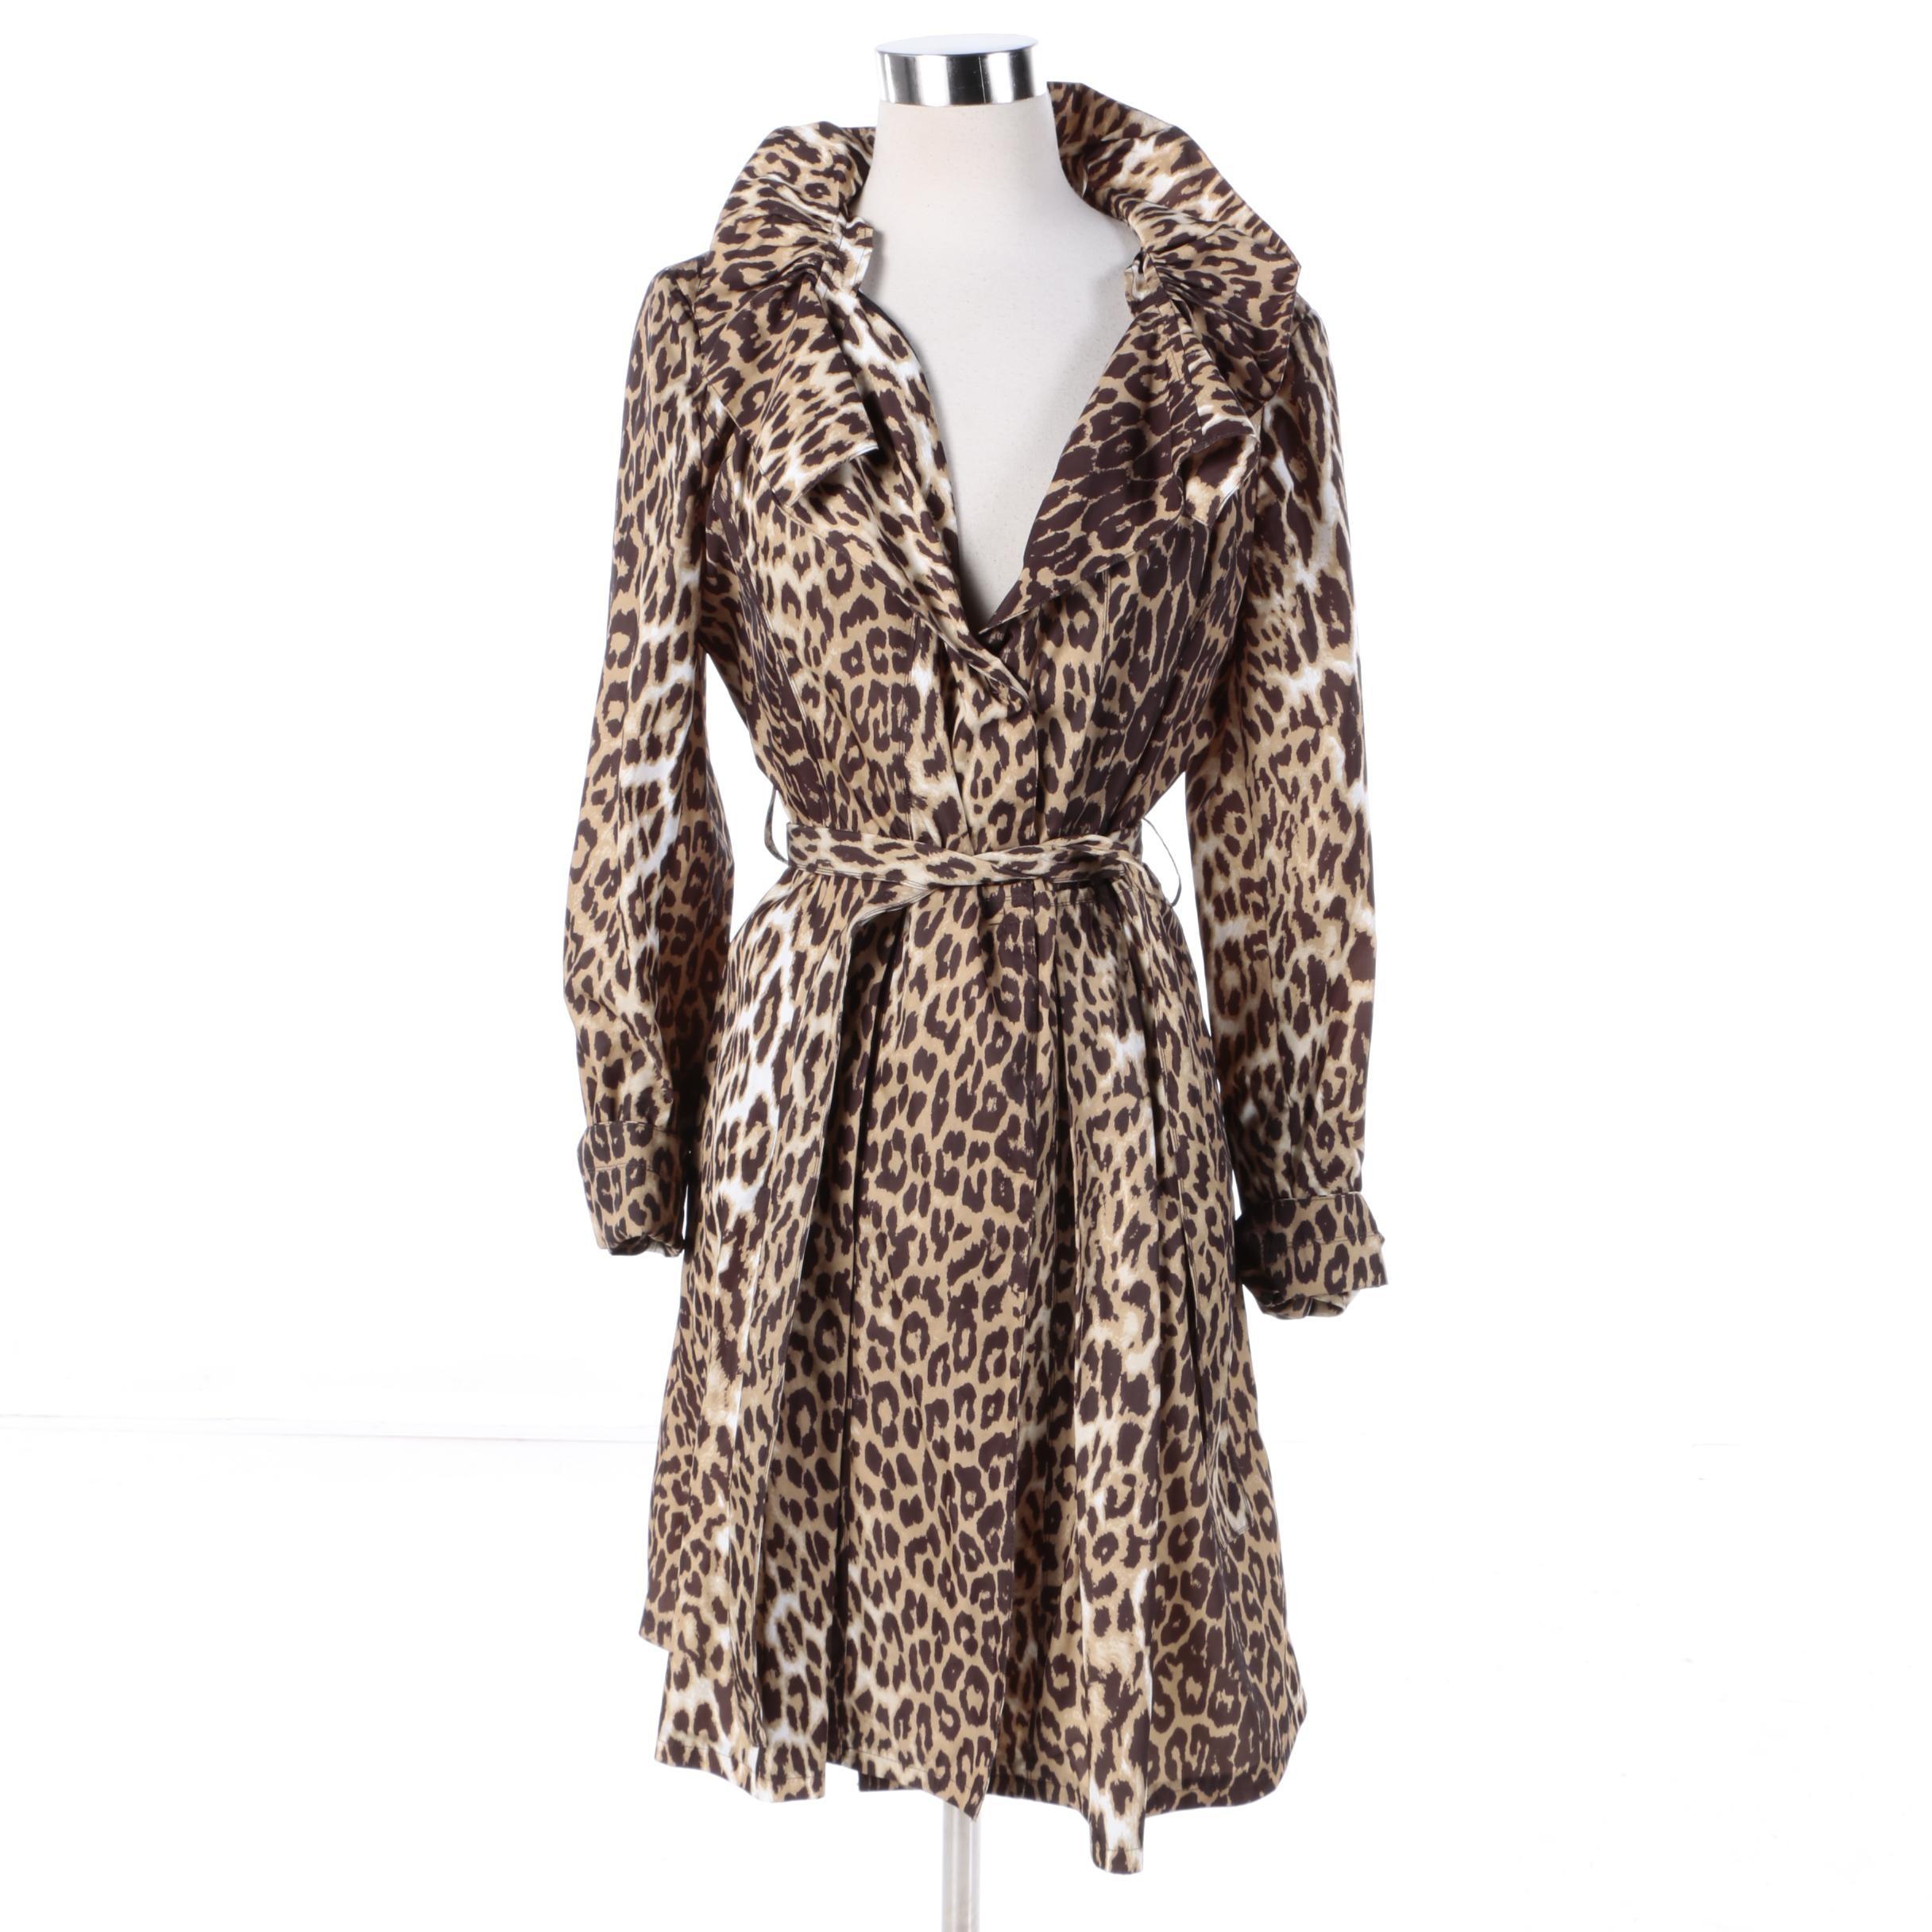 Women's Tahari Leopard Print Jacket